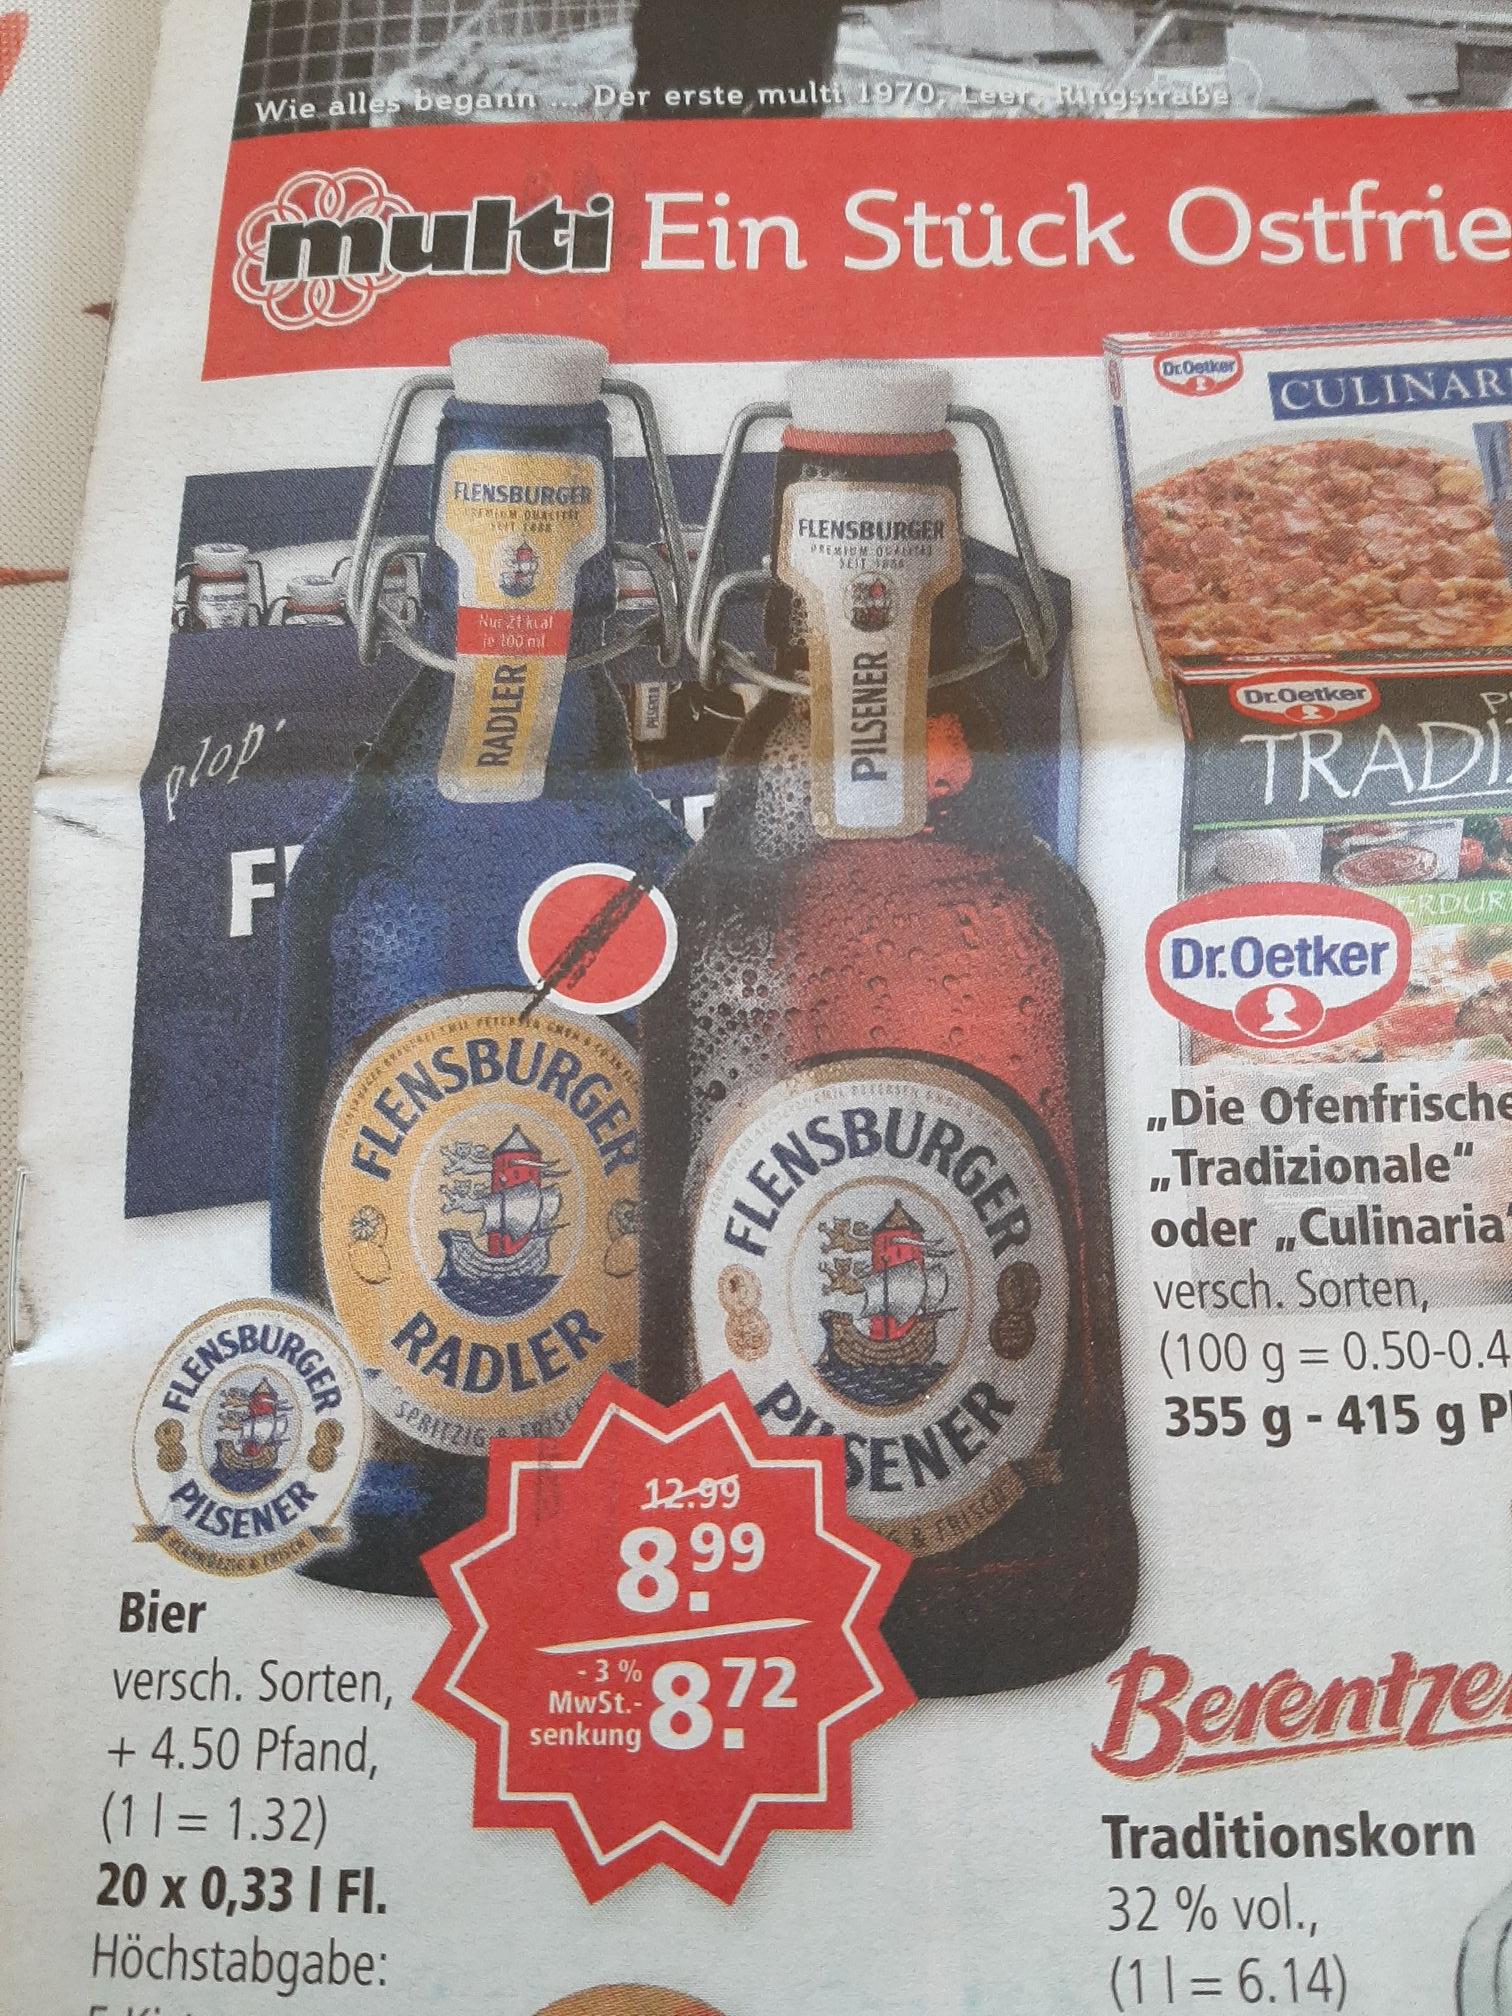 Lokal - Multi Verbrauchermärkte in Emden und Leer (Ostfriesland) - Flensburger (versch. Sorten) 20 x 0,33 Liter 8,72 Euro